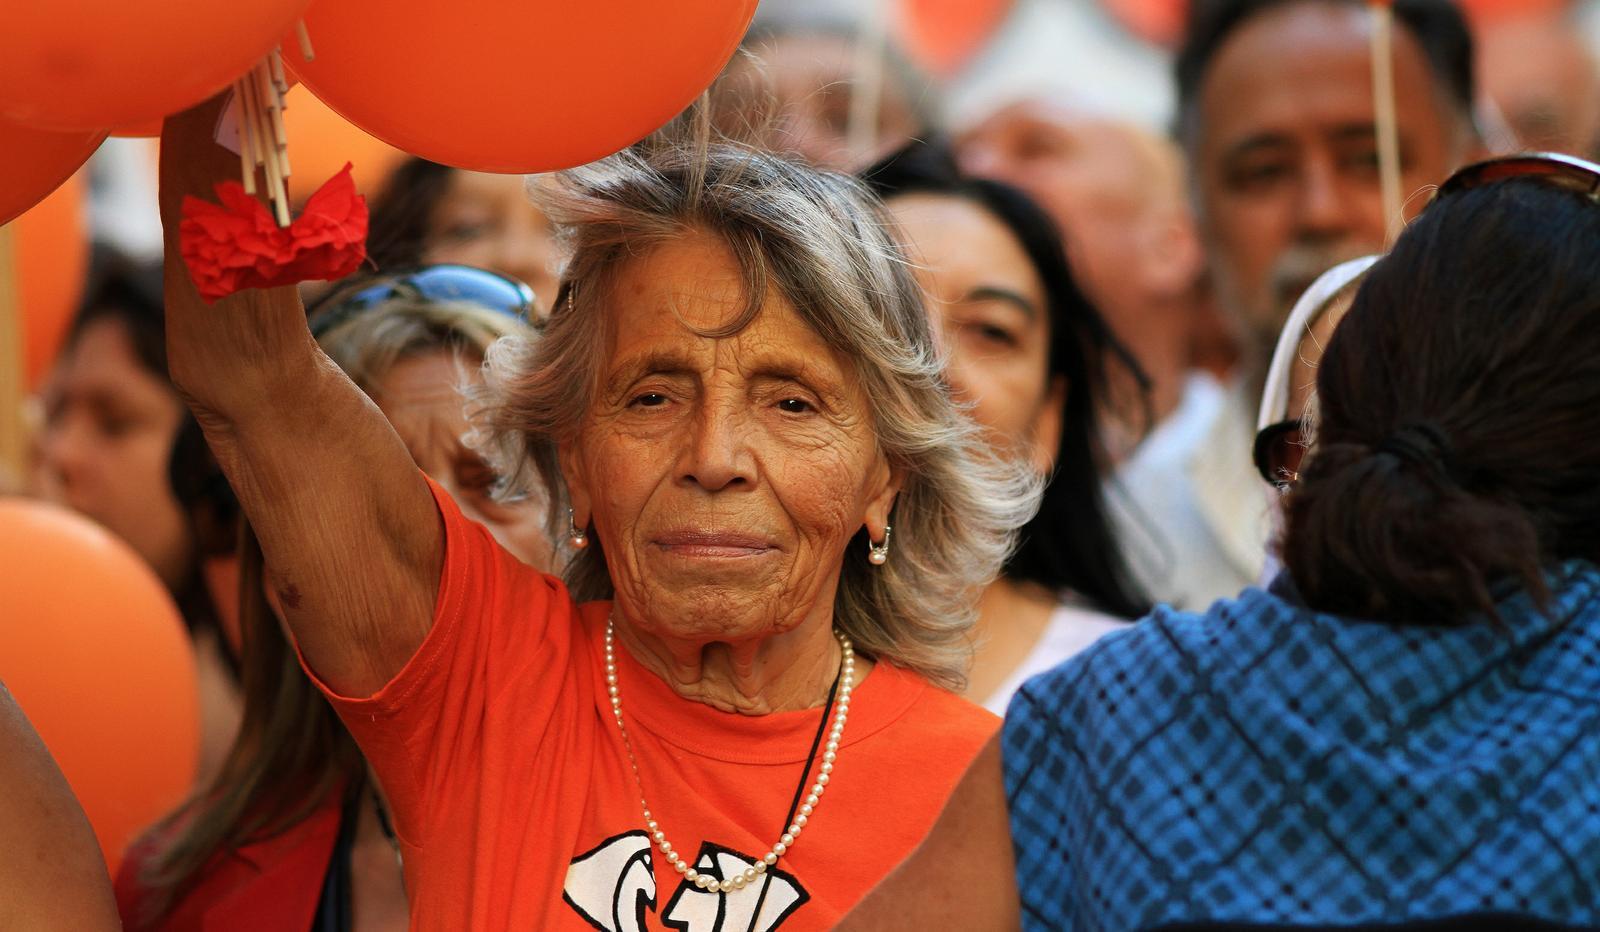 Abuelas En Pelotas fuerza, convicción y amor de abuela: sonia torres cumplió 90